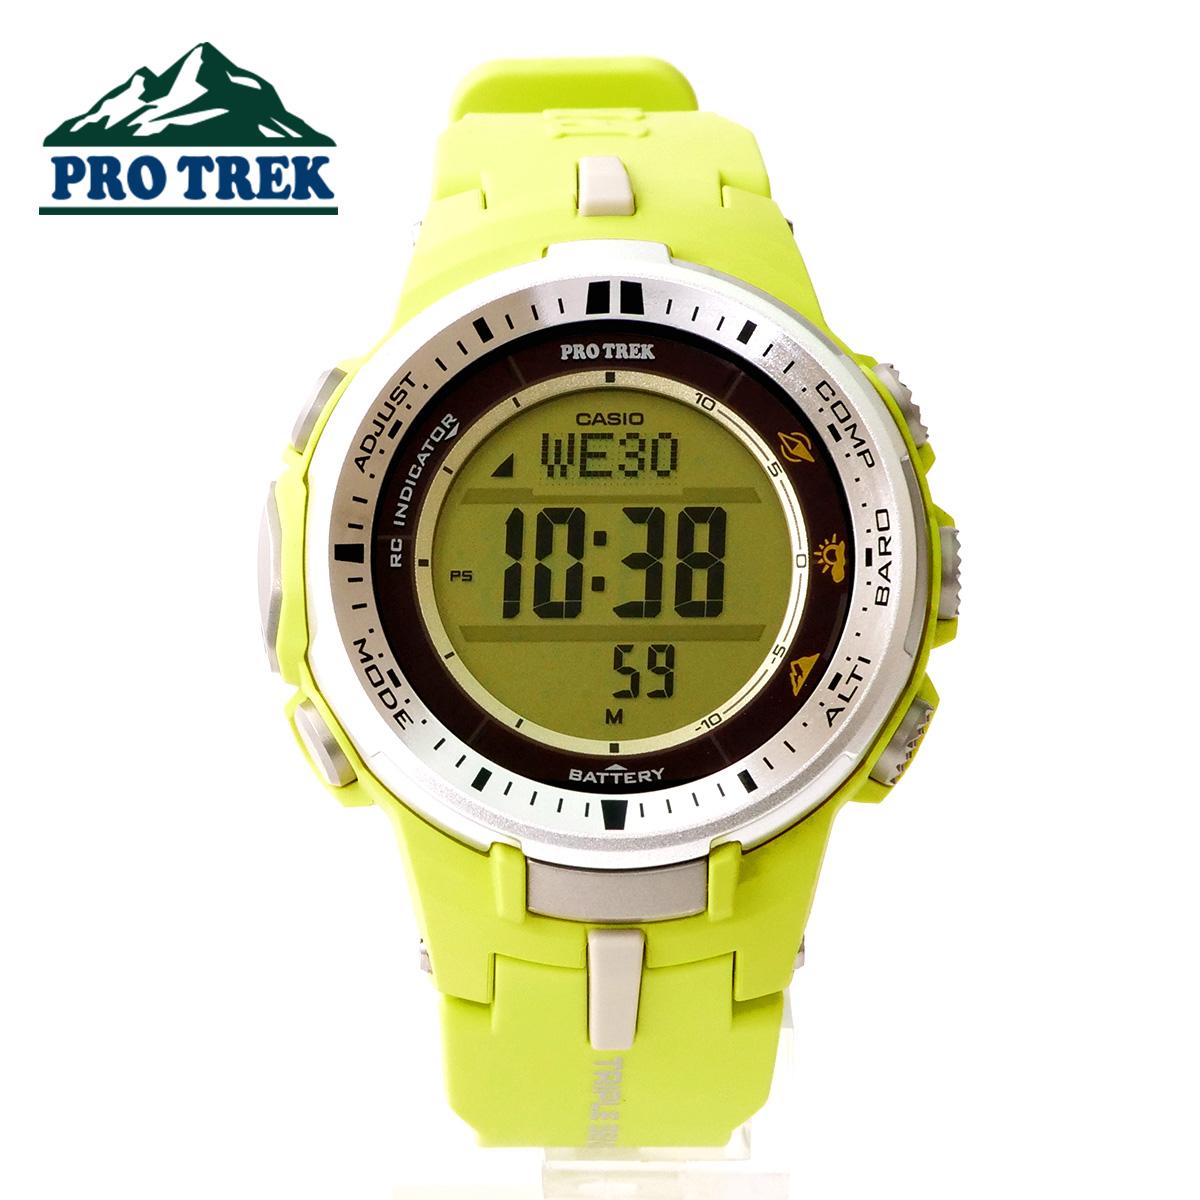 【安心2年保証】CASIO(カシオ) PROTREK(プロトレック)スリム 小型 電波時計 ソーラー 薄型 登山用 腕時計 トレッキング デジタル ウォッチ 方位計 コンパス 高度計 温度計 トリプルセンサー PRW-3000-9B ライムイエロー 黄色【あす楽】【即納】